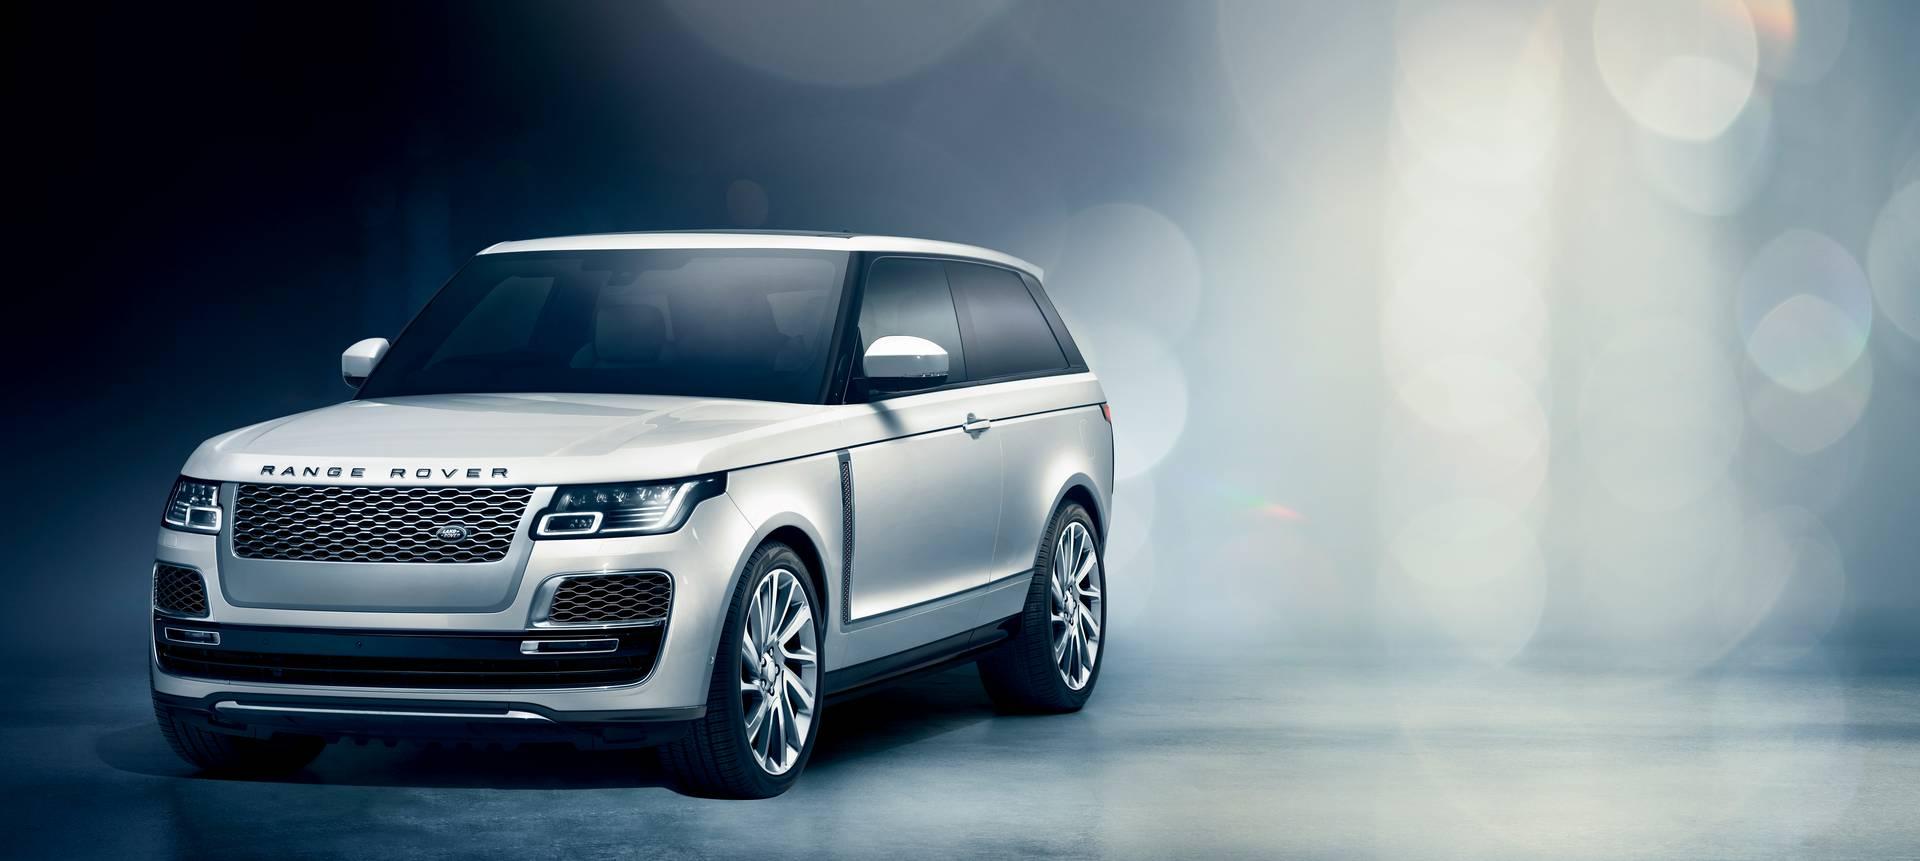 Более того, Land Rover предложит ограниченный производственный выпуск - всего 999 автомобилей!